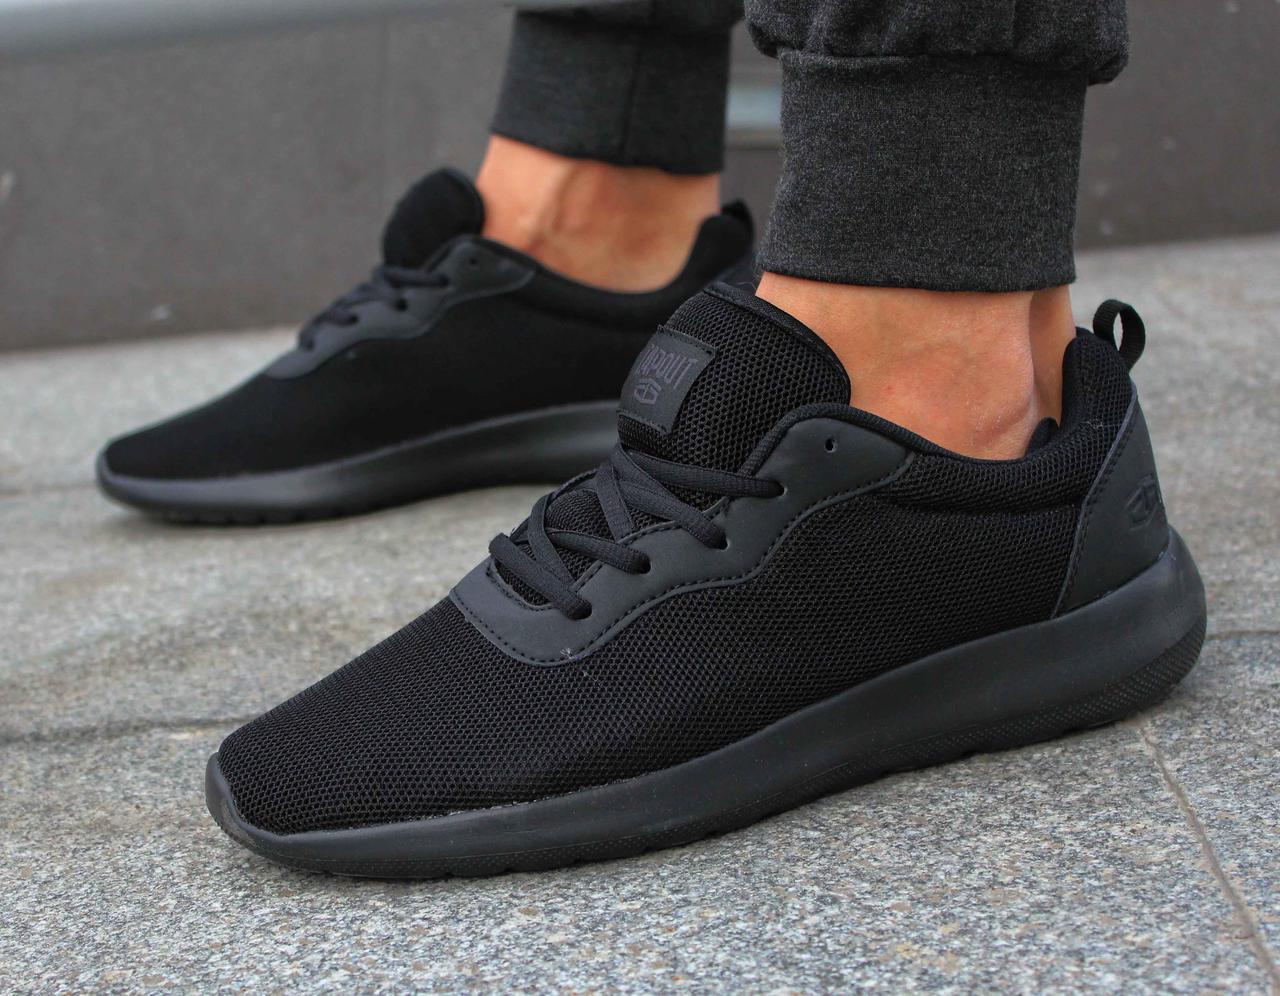 Фирменные мужские черные летние кроссовки Tapout Clio Run 40 размер